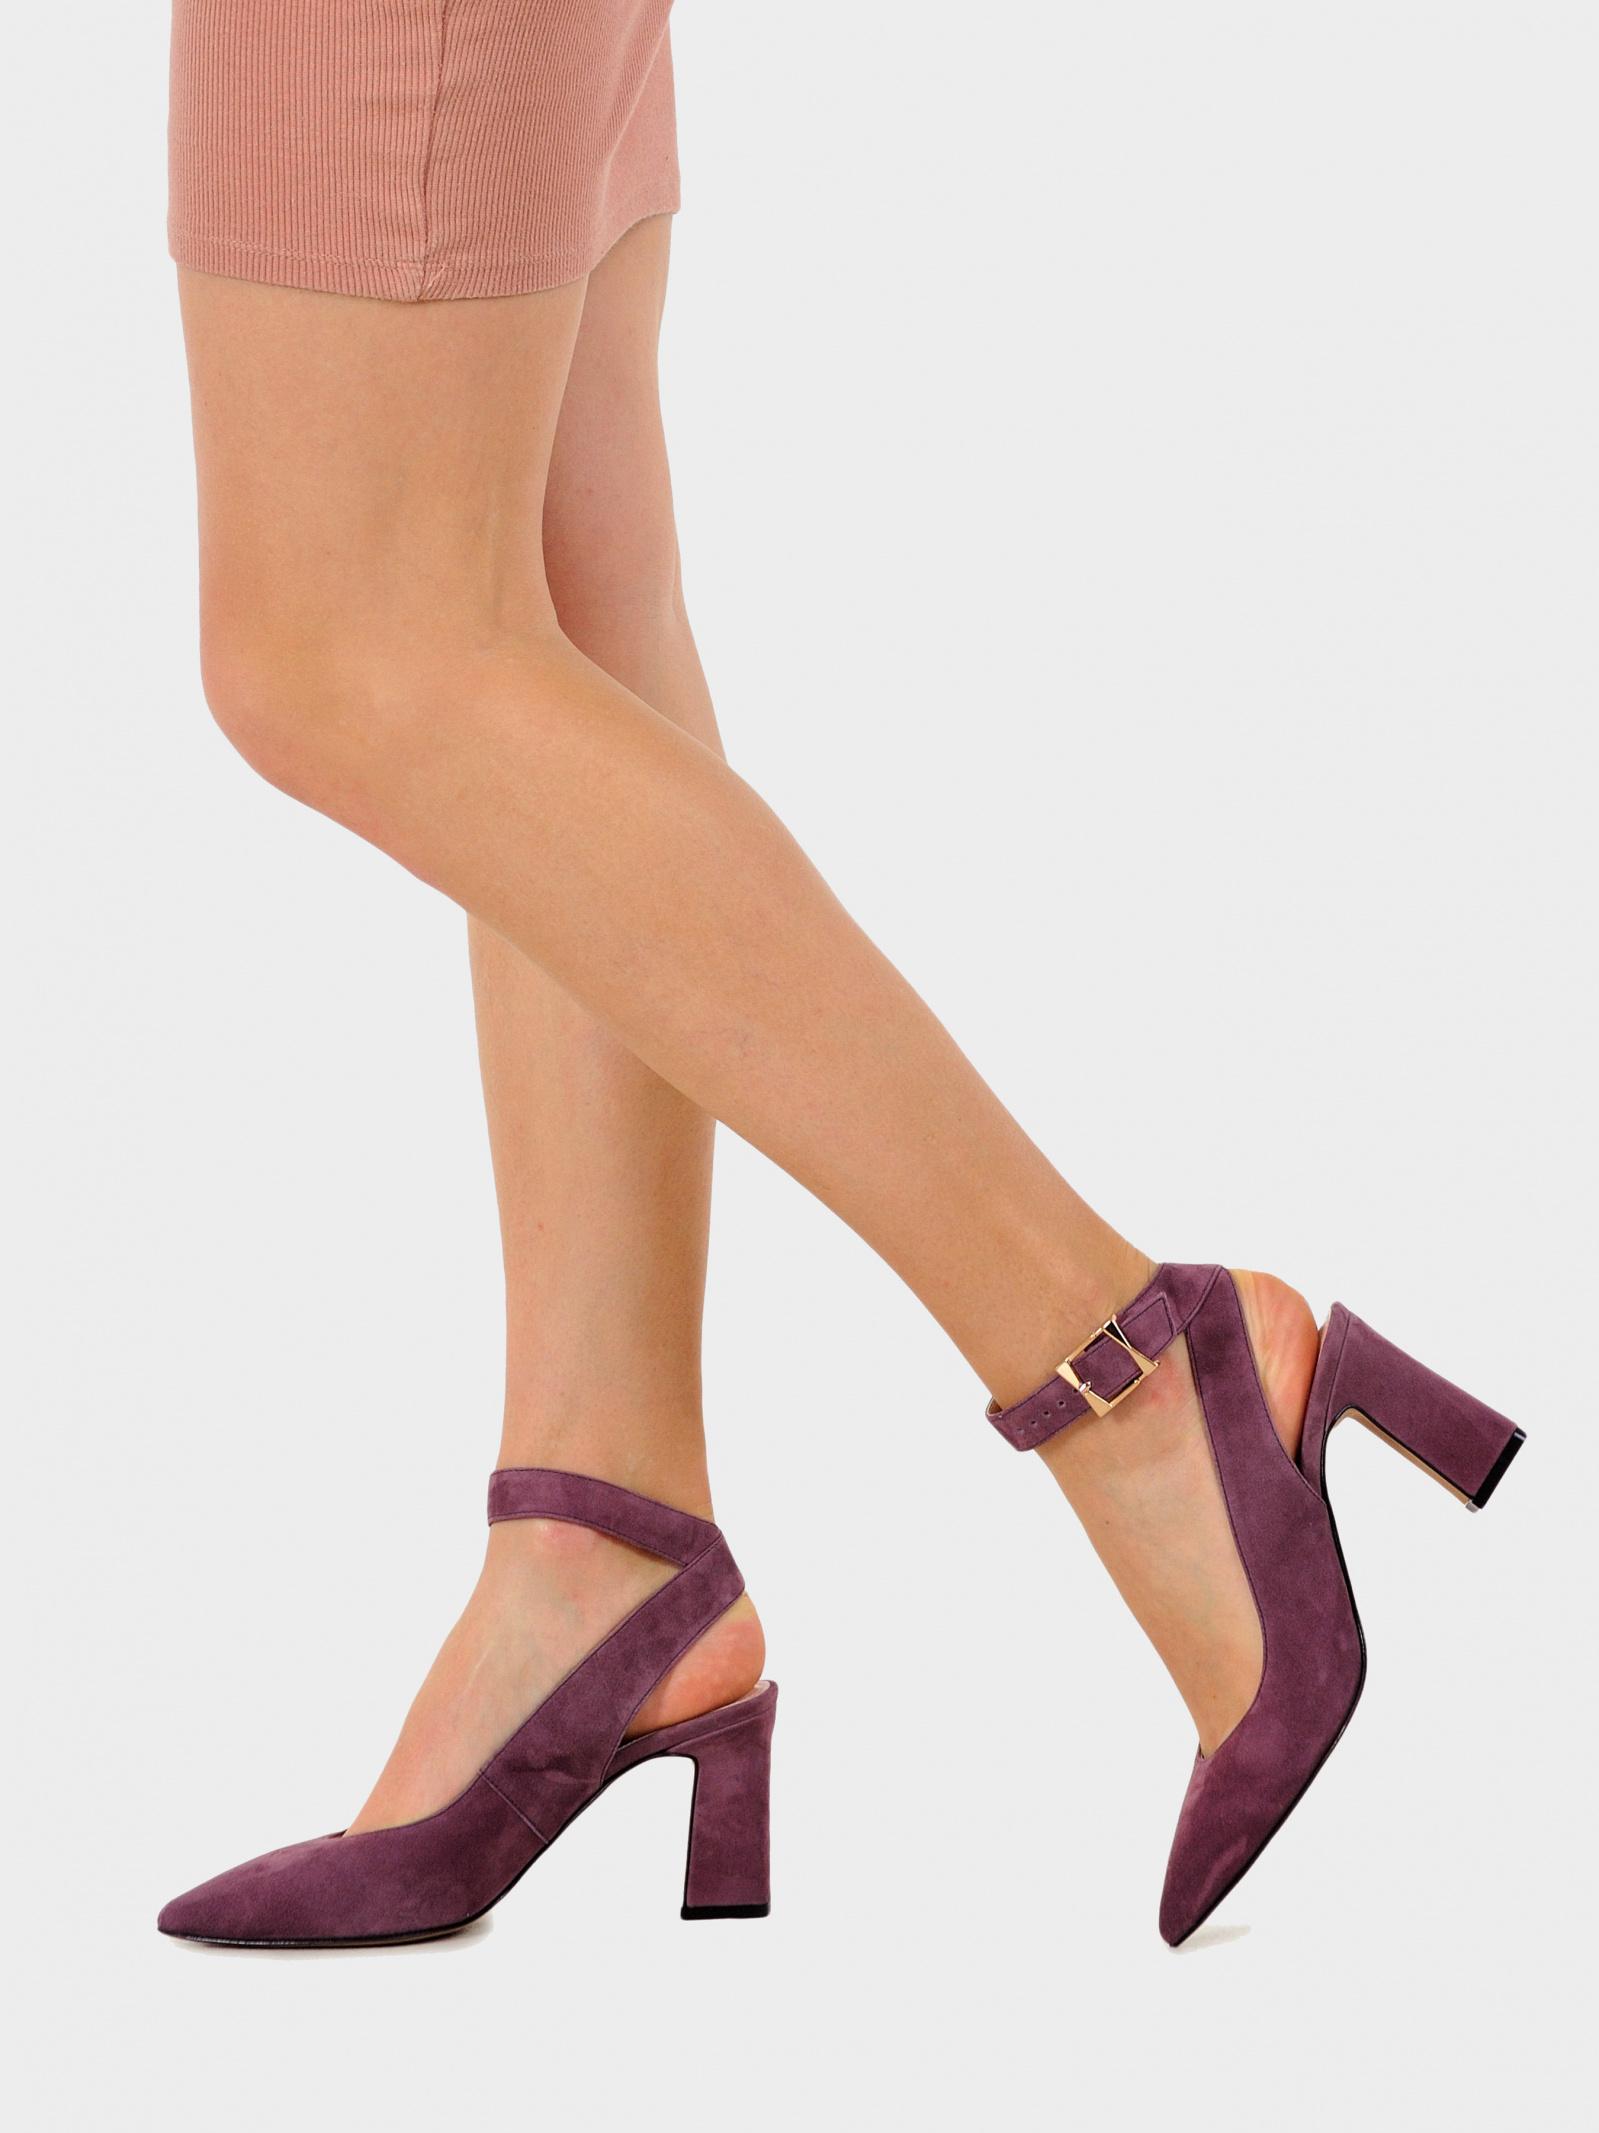 Туфлі  для жінок Modus Vivendi 810321 модне взуття, 2017